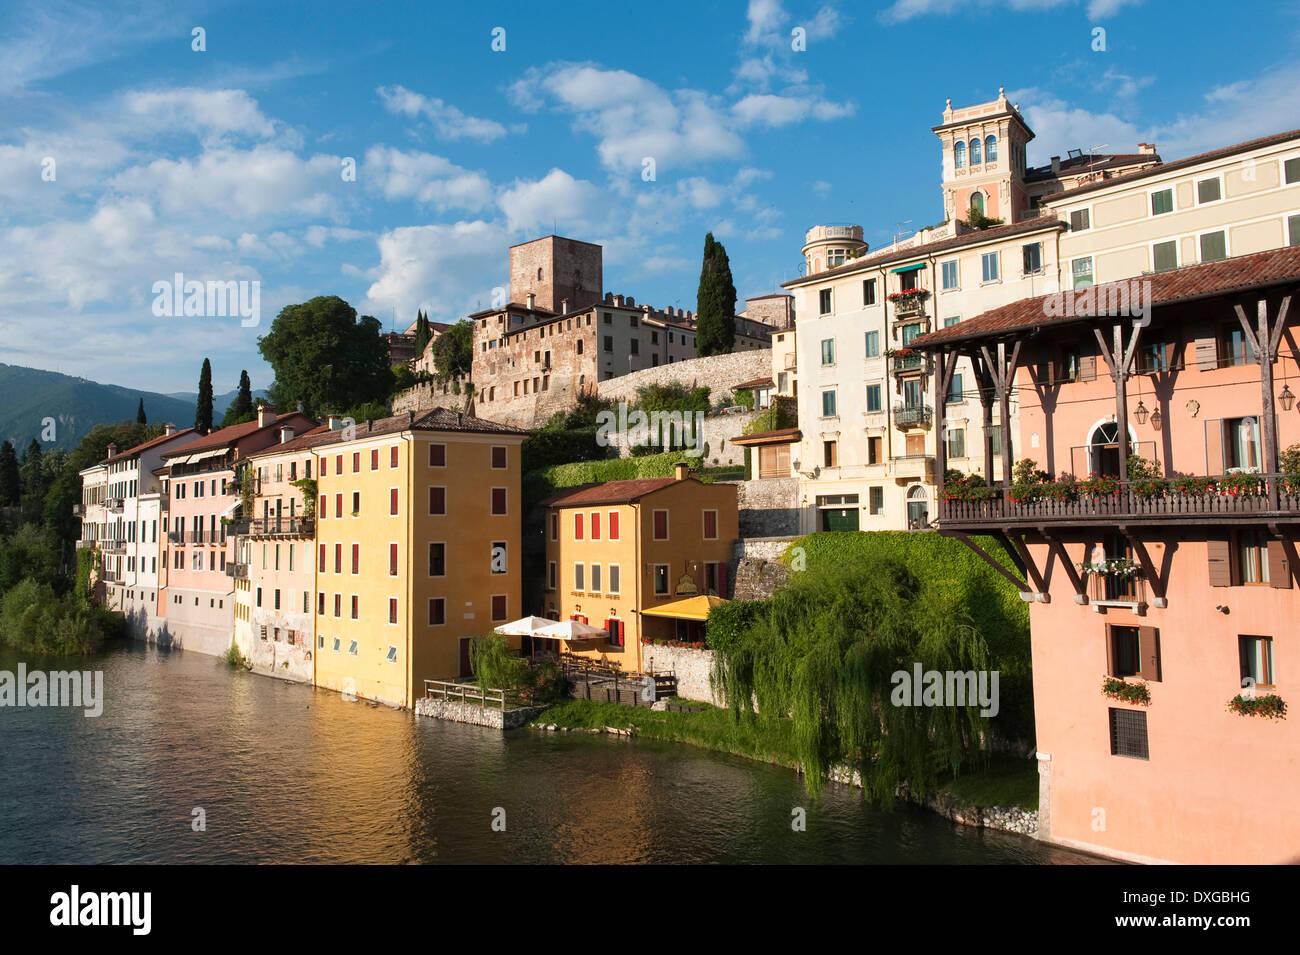 Brenta River, Bassano del Grappa, Province of Vicenza, Veneto, Italy - Stock Image